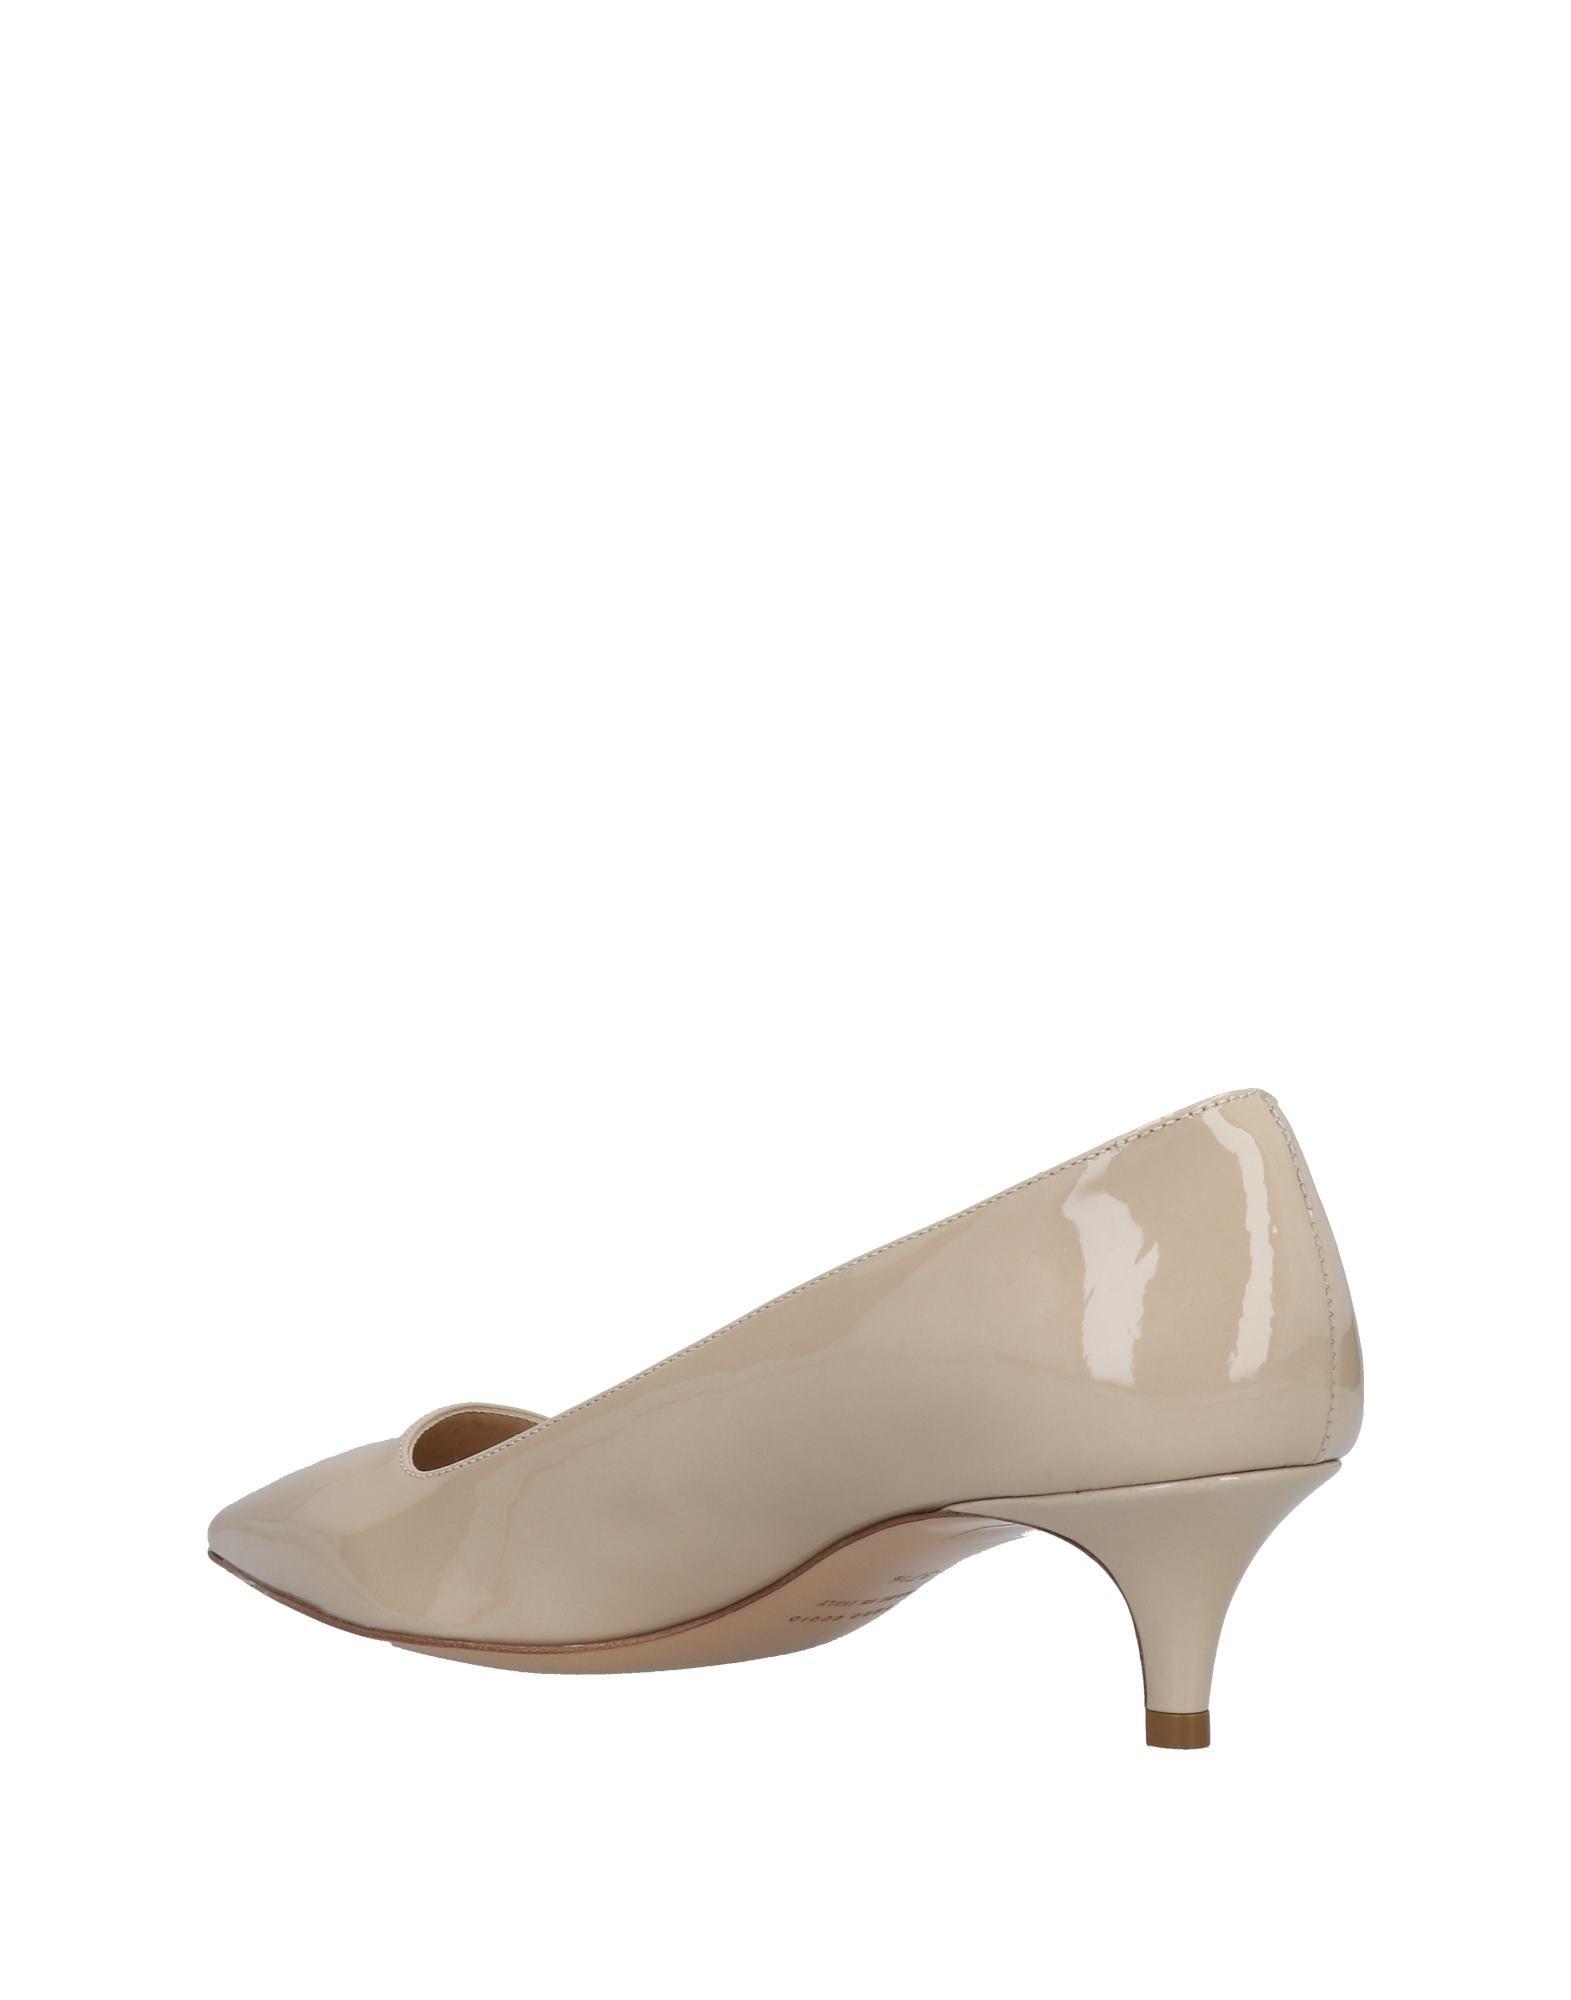 Gut um billige Schuhe zu  tragenFabio Rusconi Pumps Damen  zu 11493353OQ 54b11b